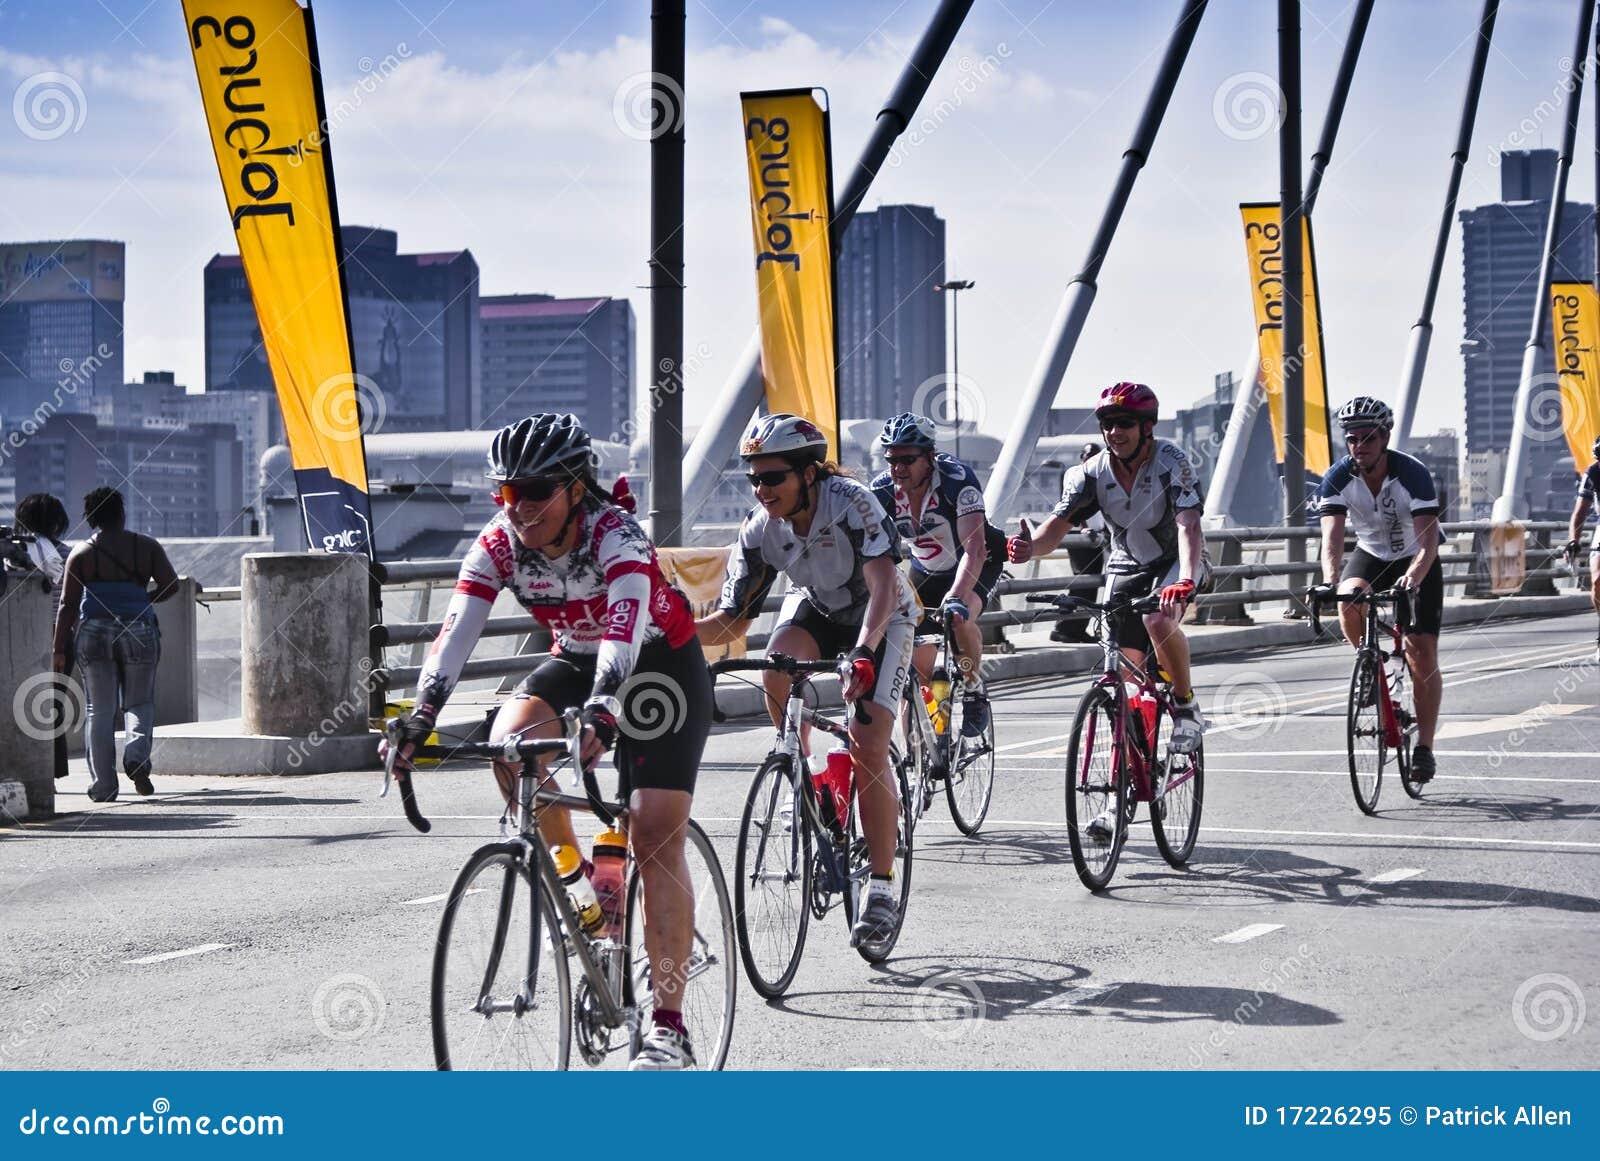 94.7 curseurs d enjeu de cycle sur la passerelle de Mandela